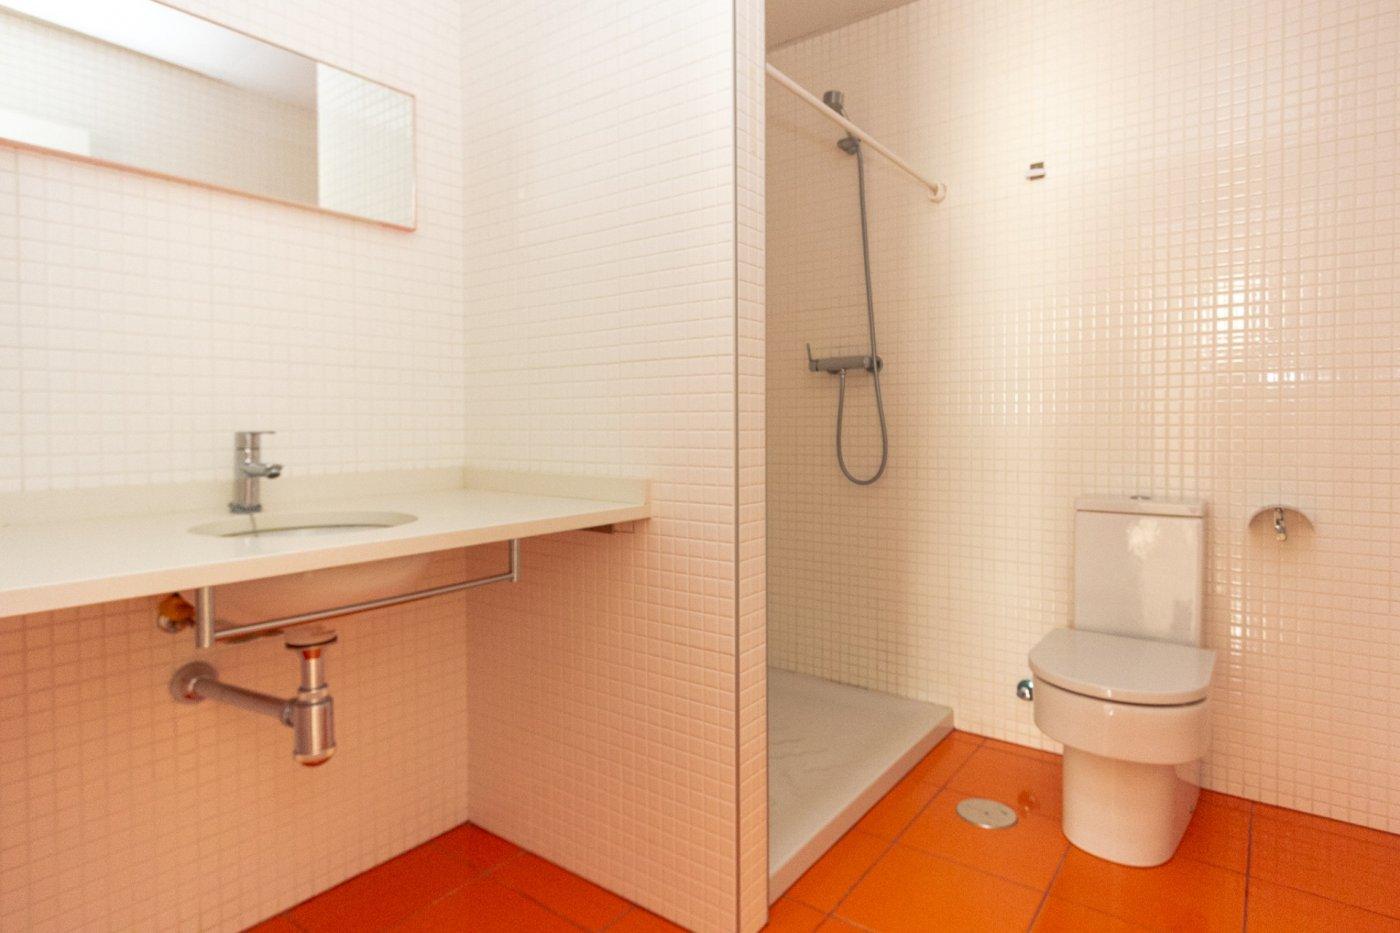 Piso de dos dormitorios de reciente construcción en zona centro de castalla - imagenInmueble4